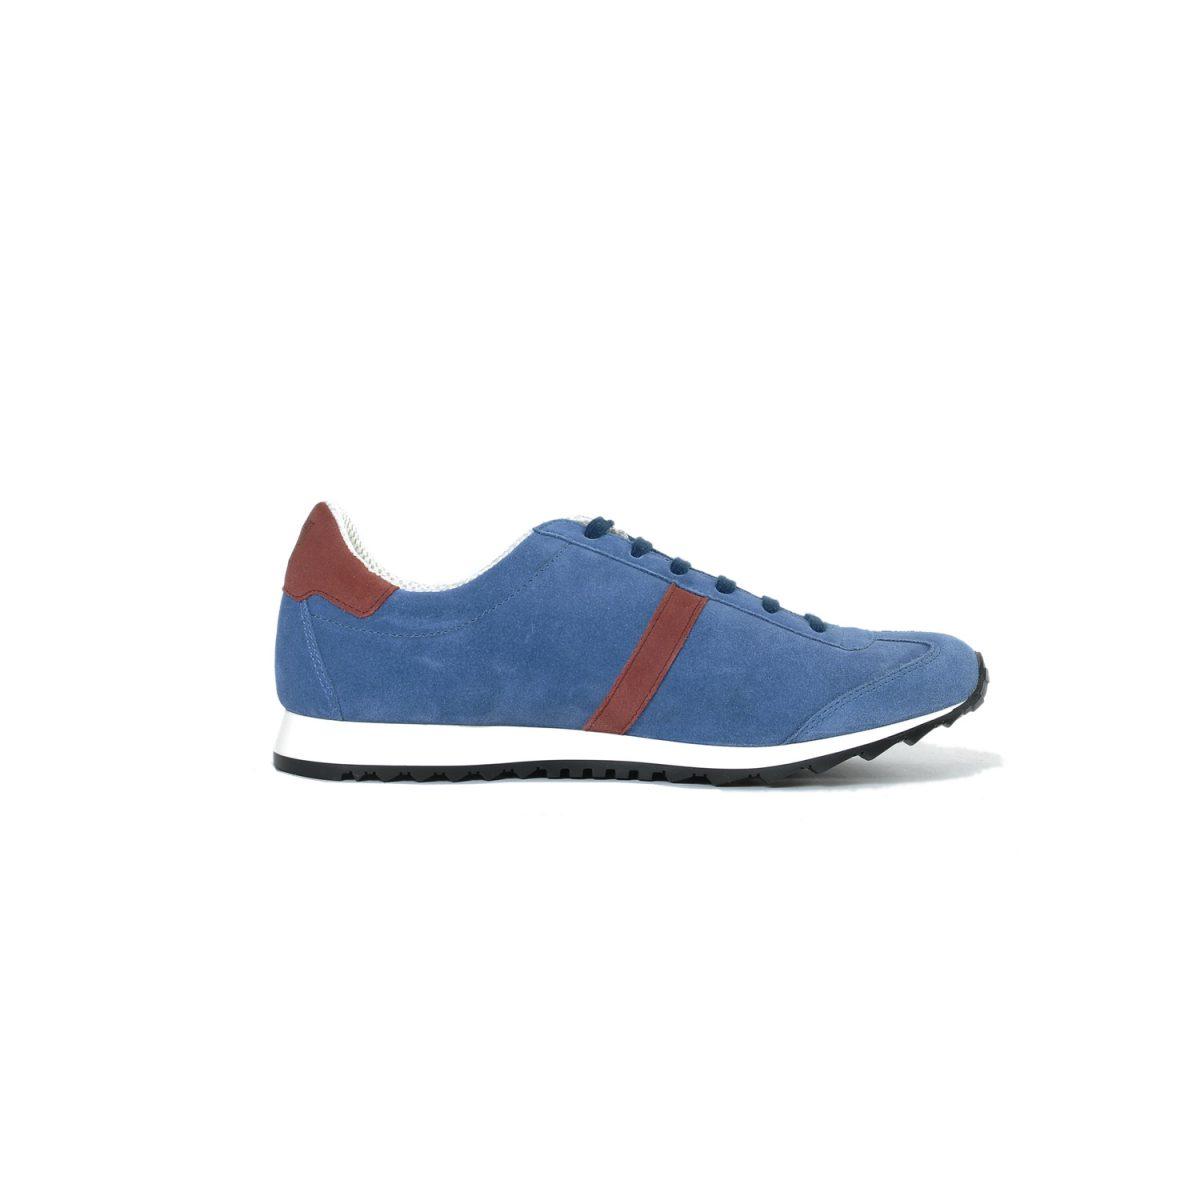 Tisza shoes - Martfű - Jeans-maroon